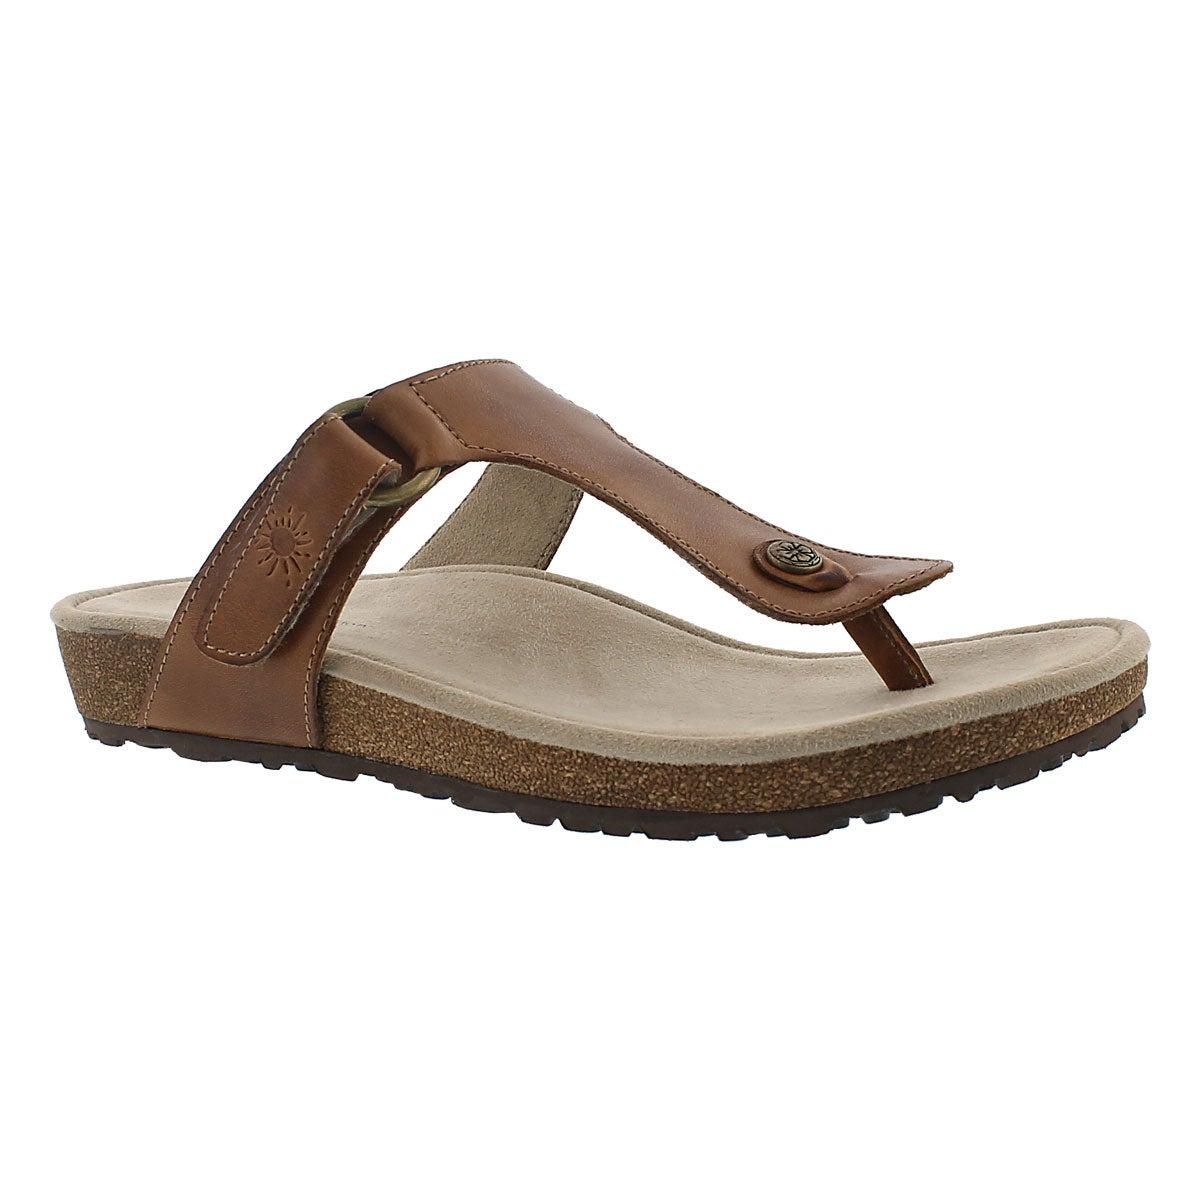 Sandale tong Louisa, tan, femmes